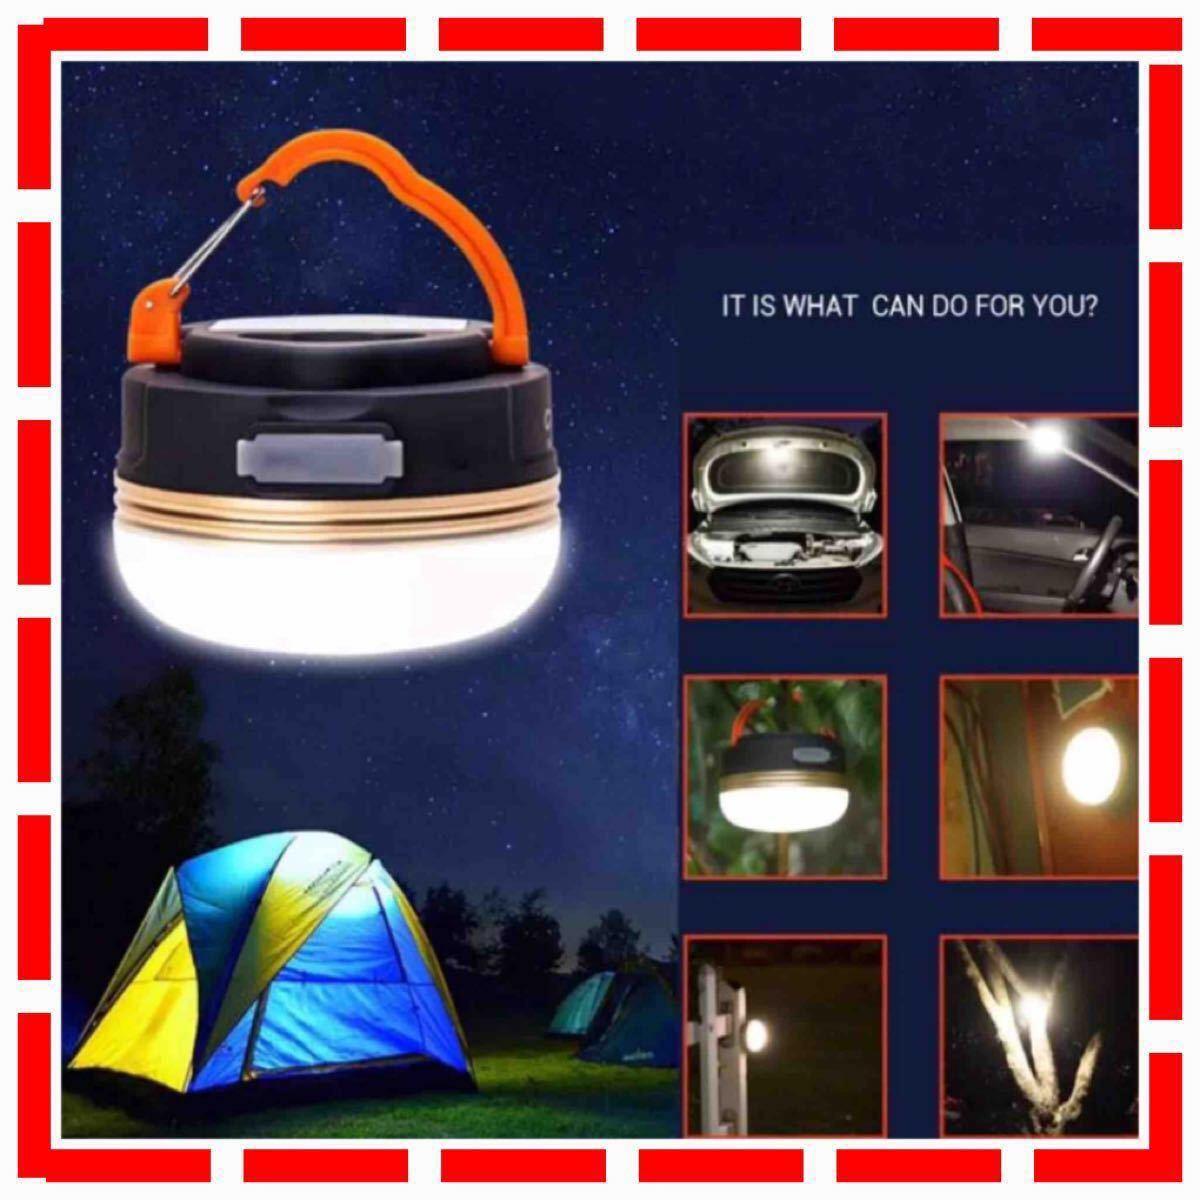 ★ アウトドア ★ LEDランタン 懐中電灯 USB充電 3つ調光モード マグネット式 軽量 小型 防水 夜釣り キャンプ